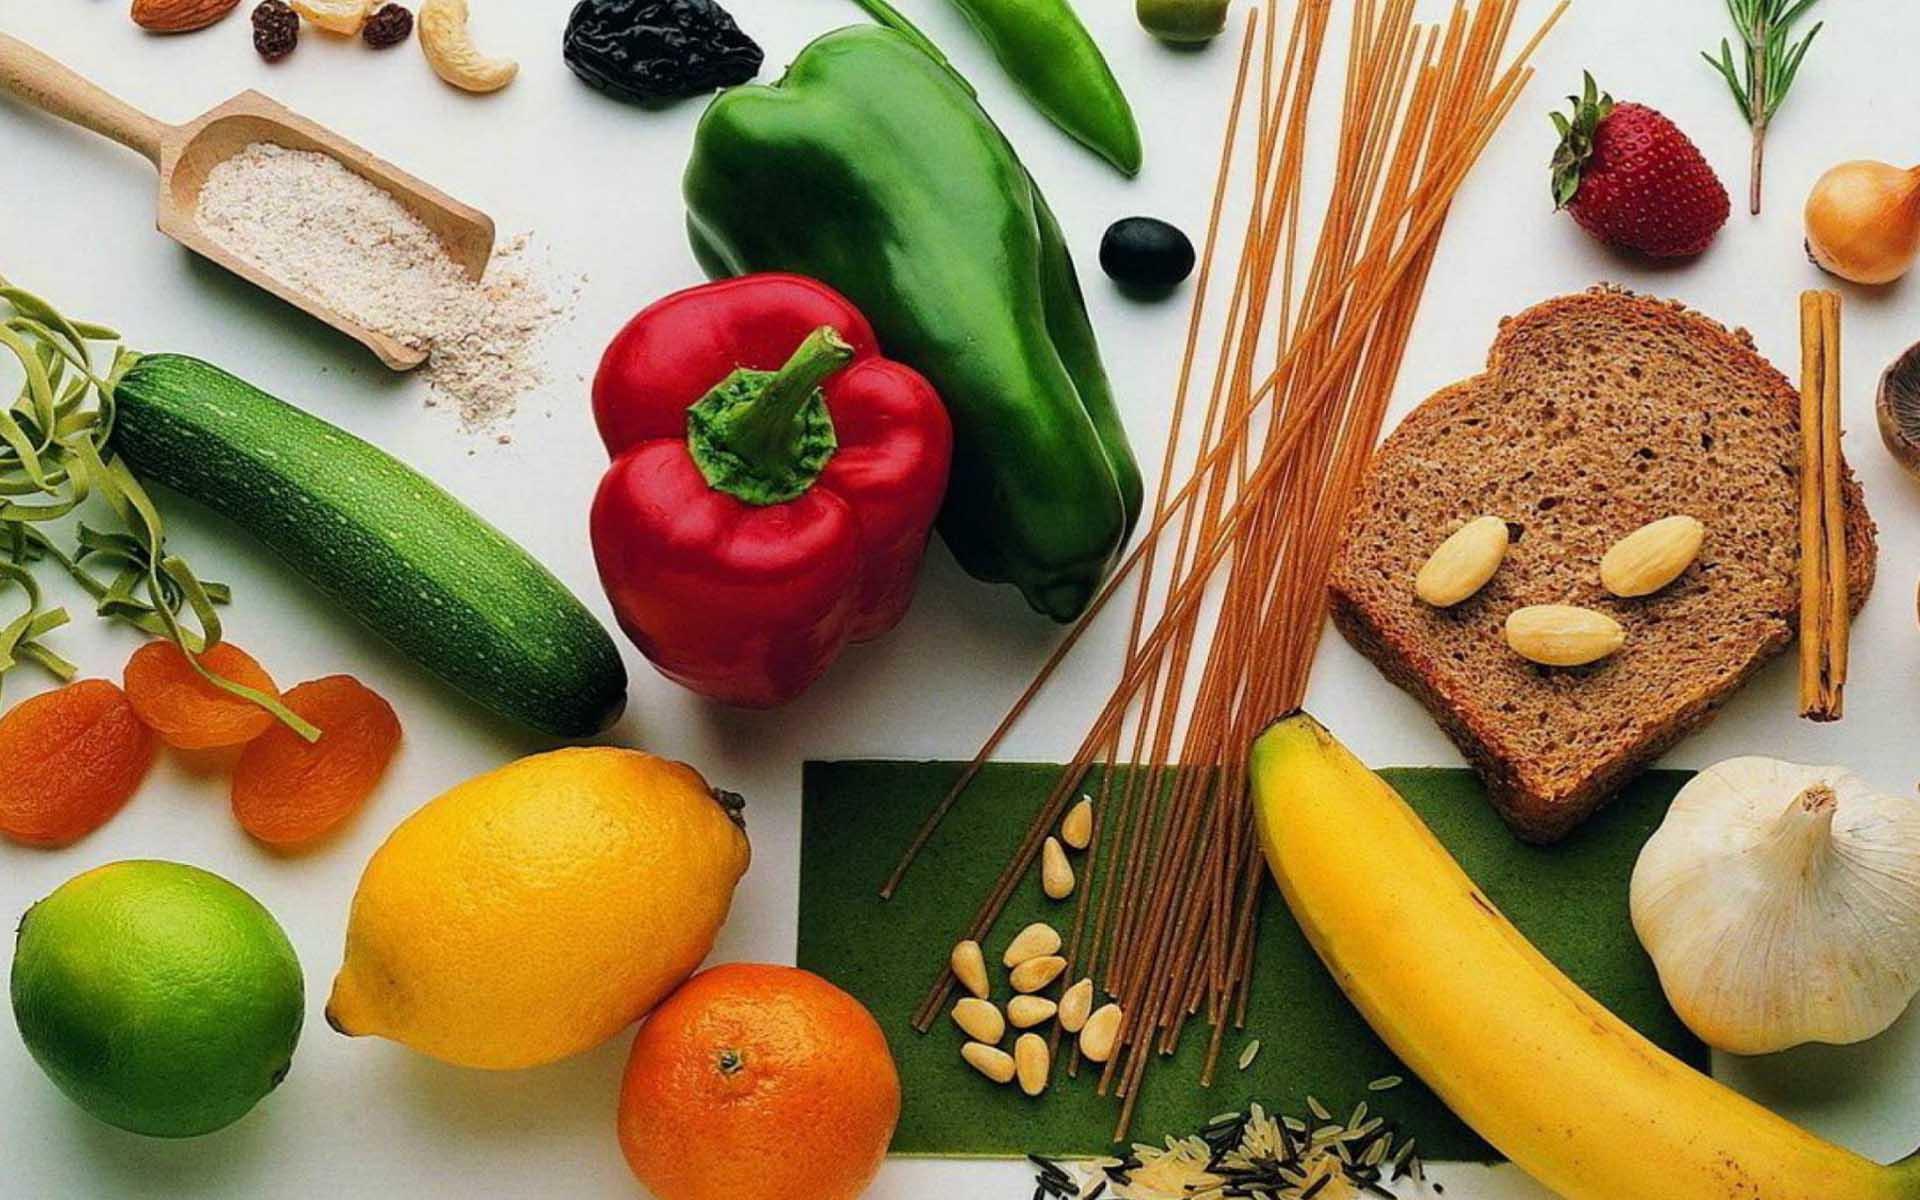 Советы по питанию для снижения веса, здоровья и долголетия